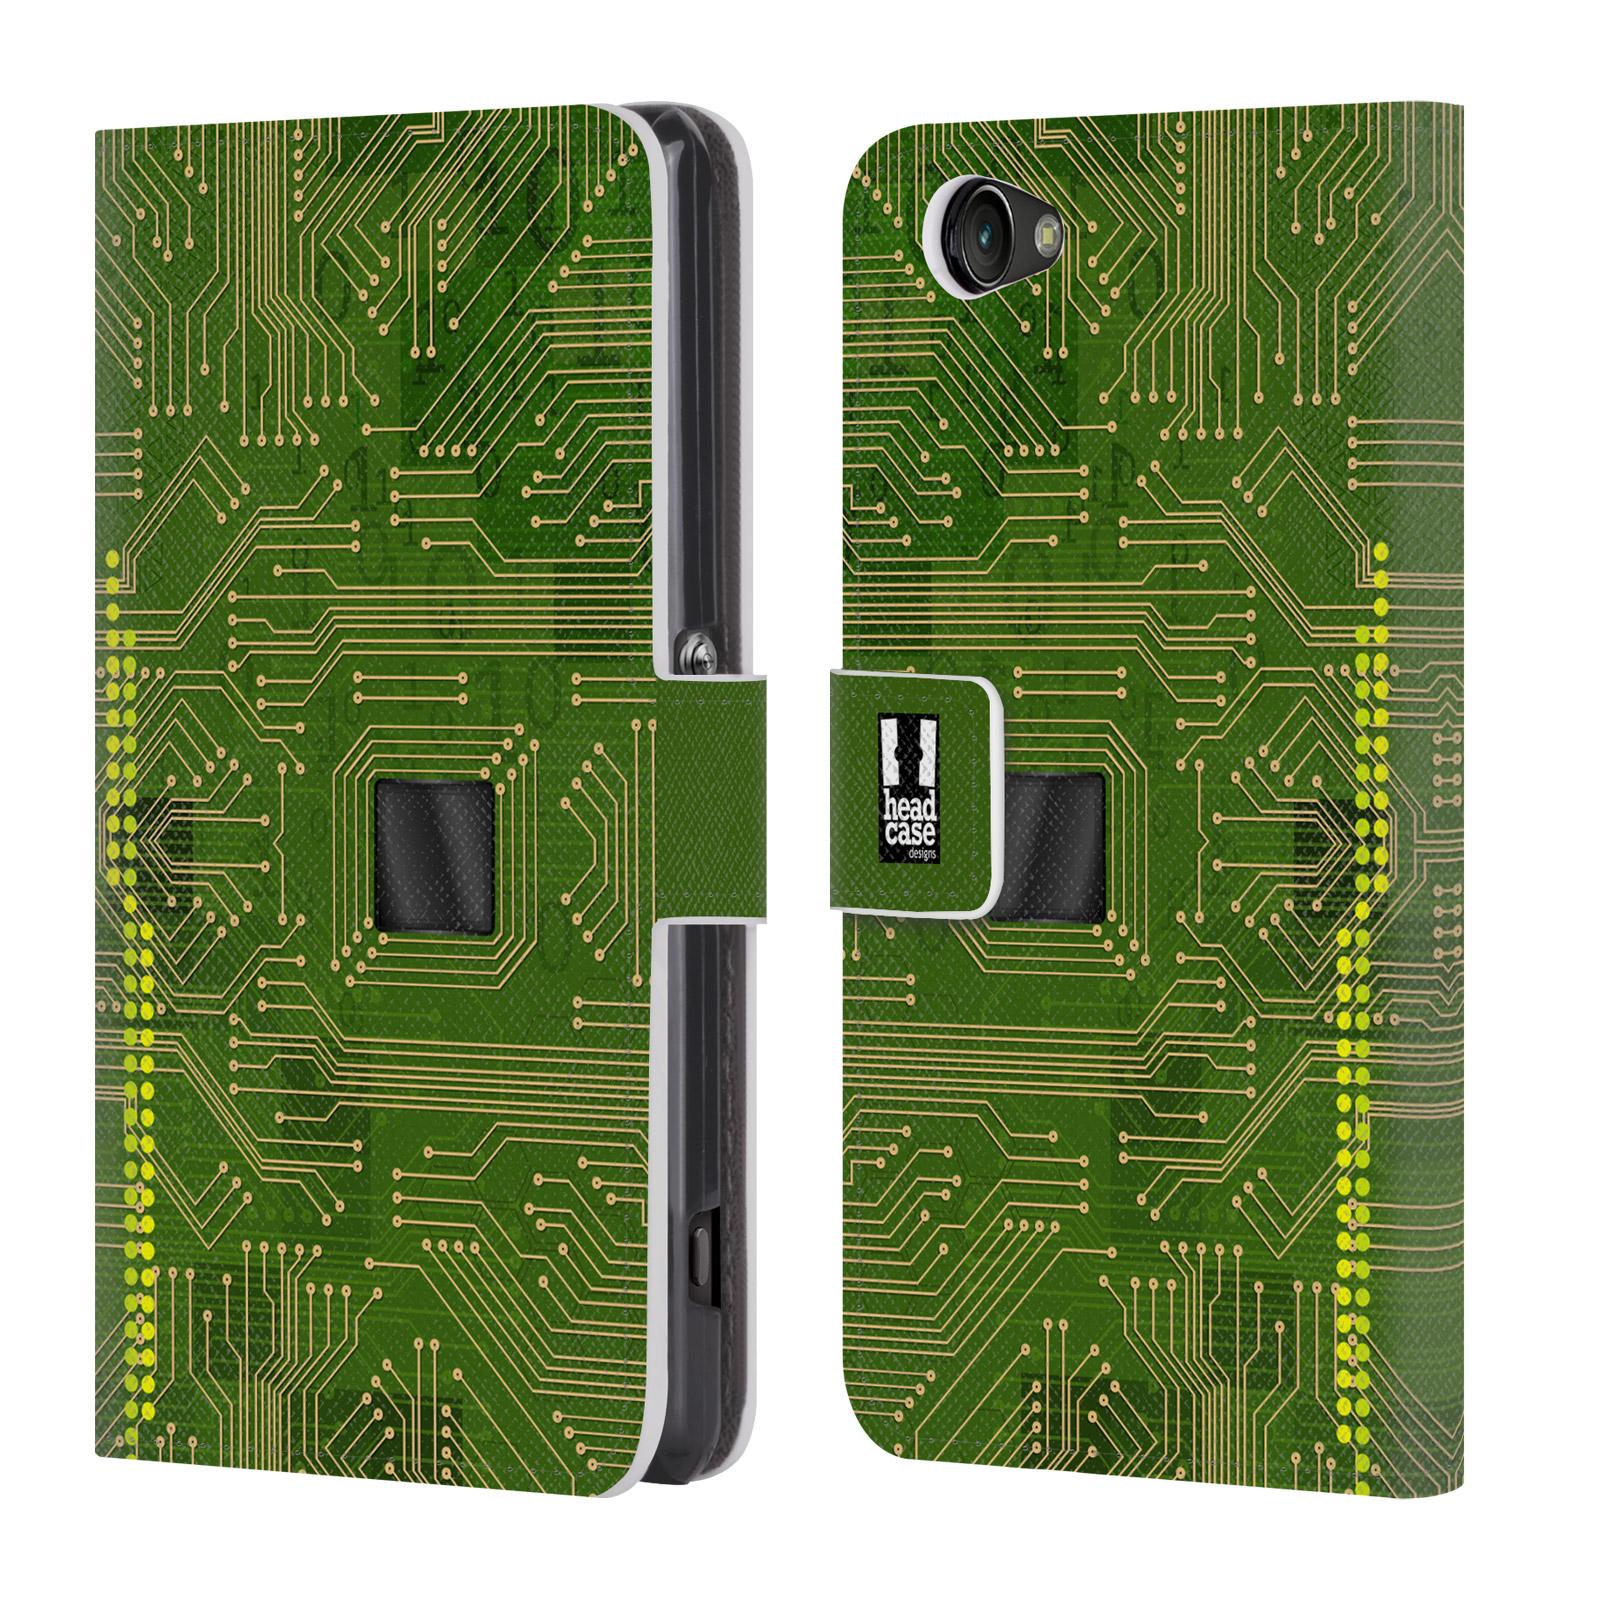 HEAD CASE Flipové pouzdro pro mobil SONY XPERIA Z1 COMPACT počítač základní deska zelená barva